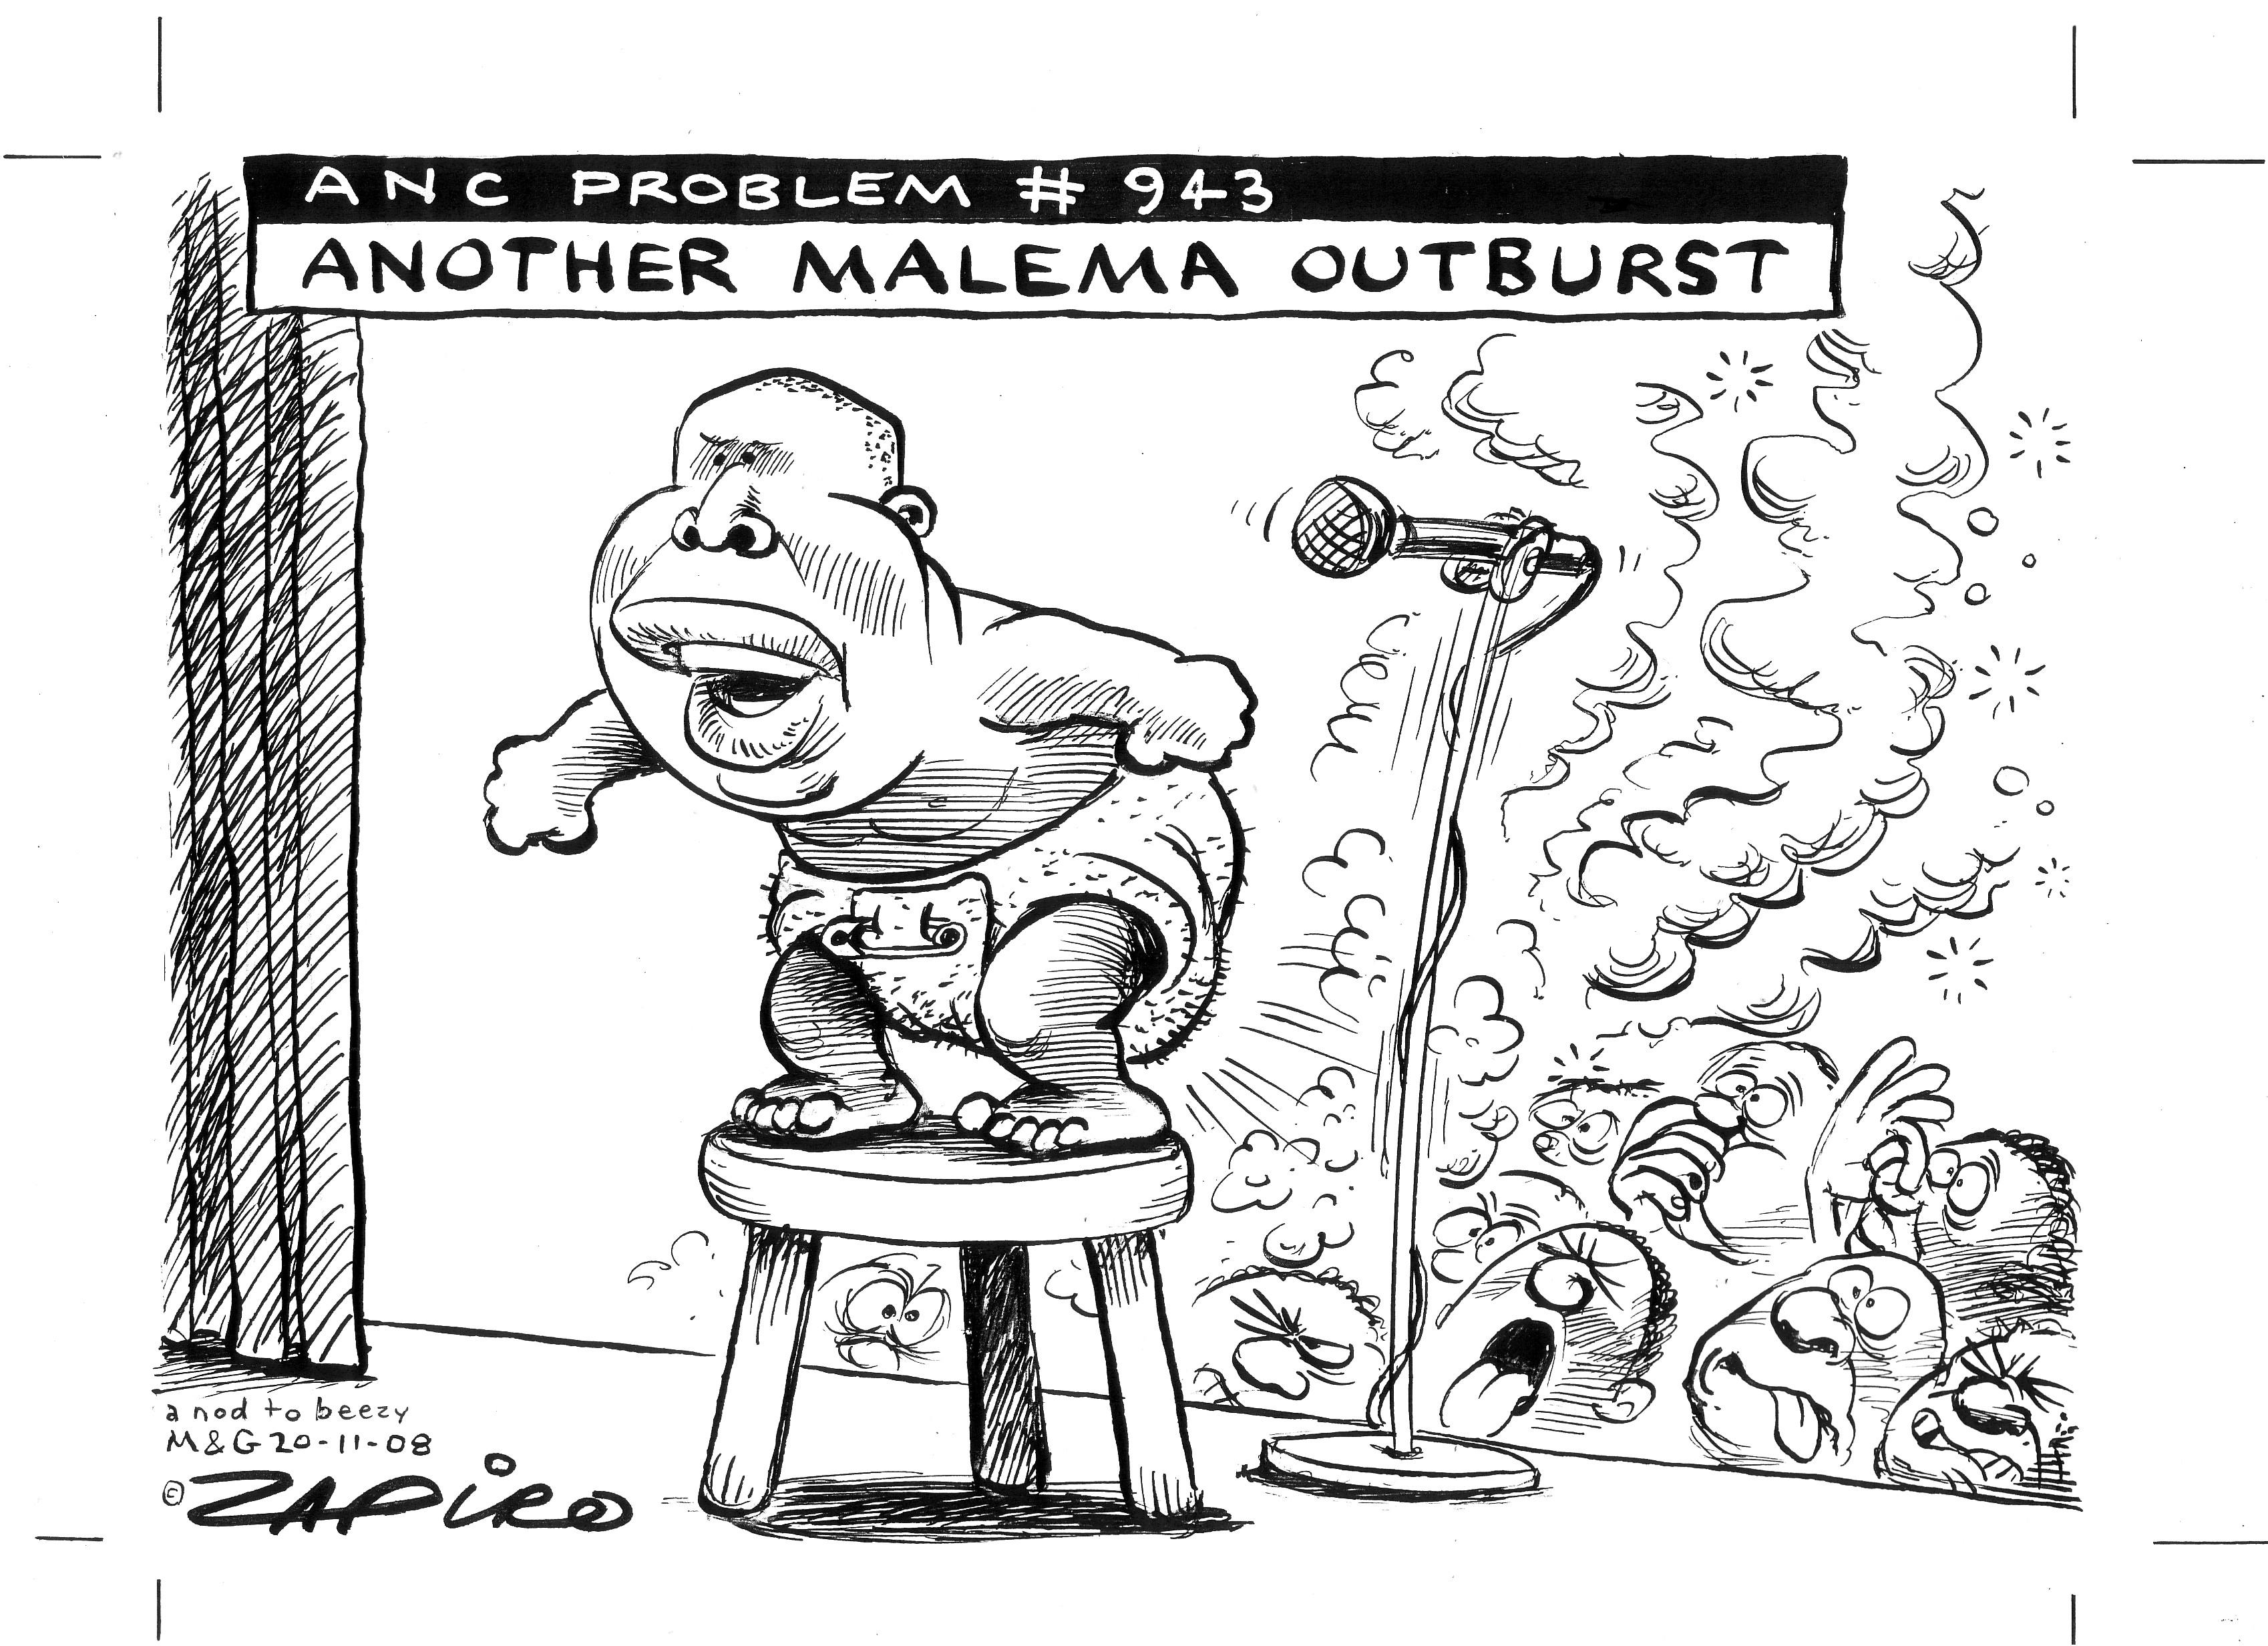 Zapiro's Malema